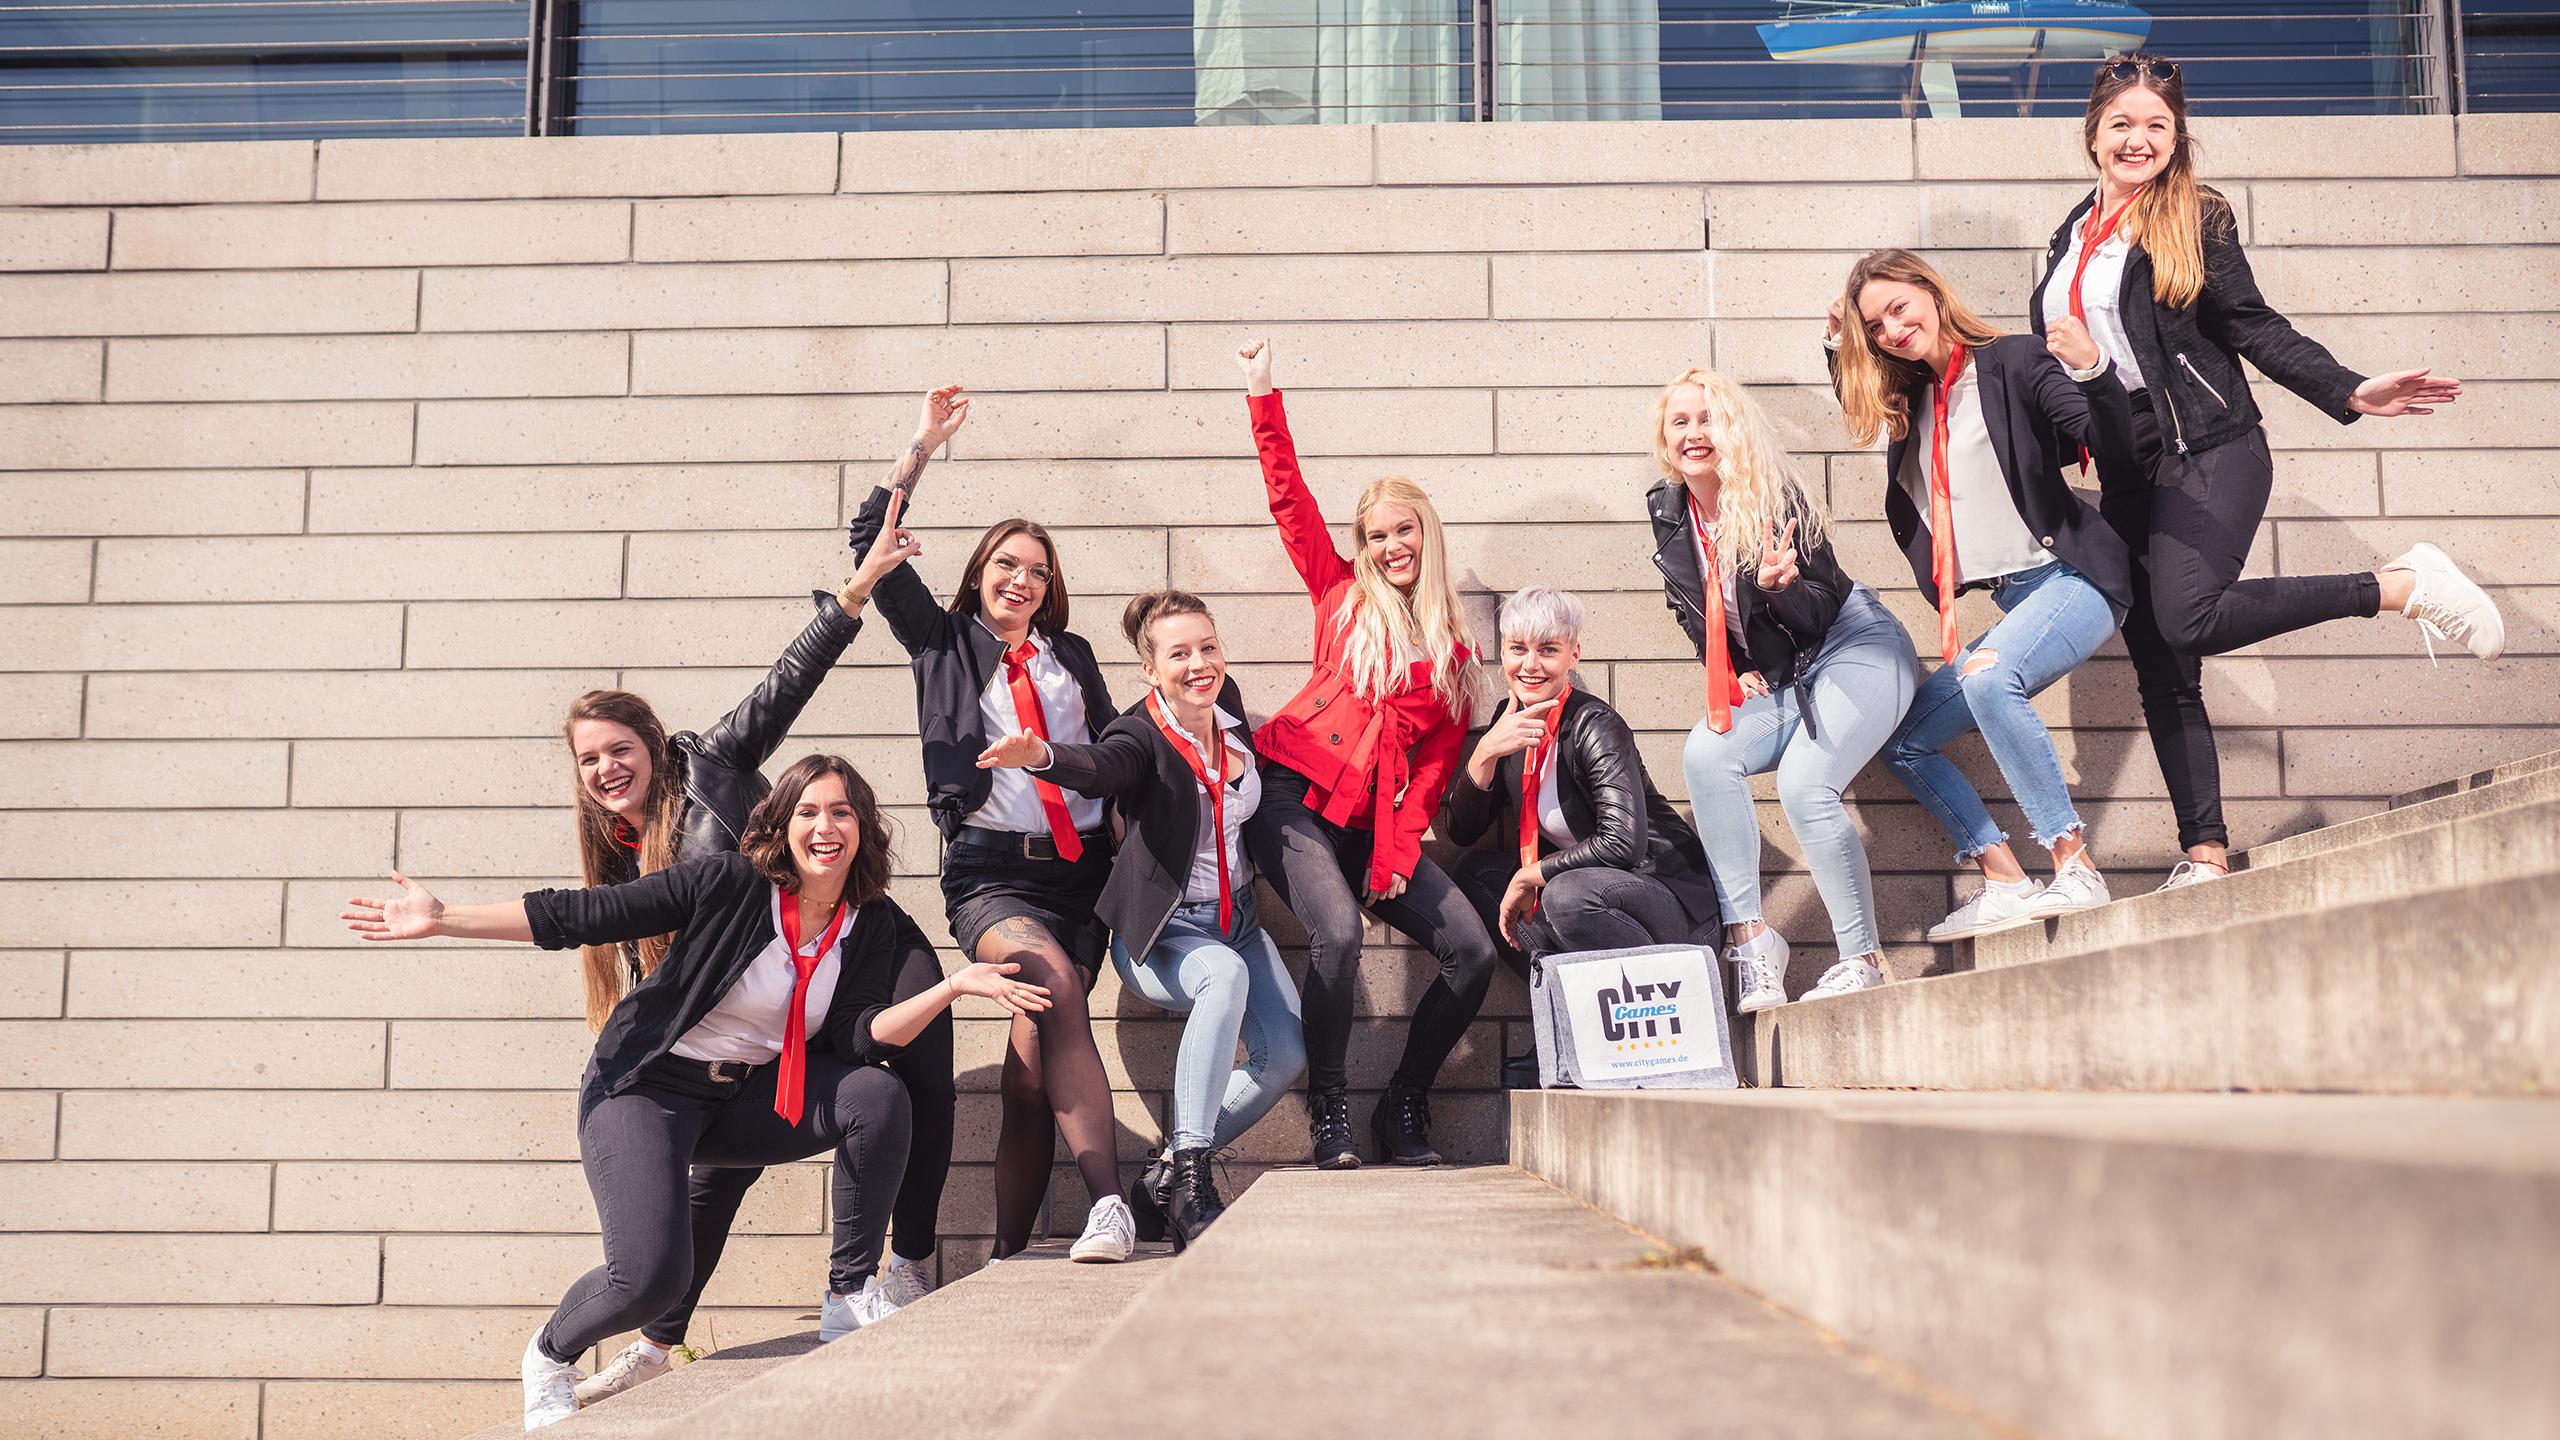 CityGames JGA Frauen Tour: Girls Wanna Have Fun